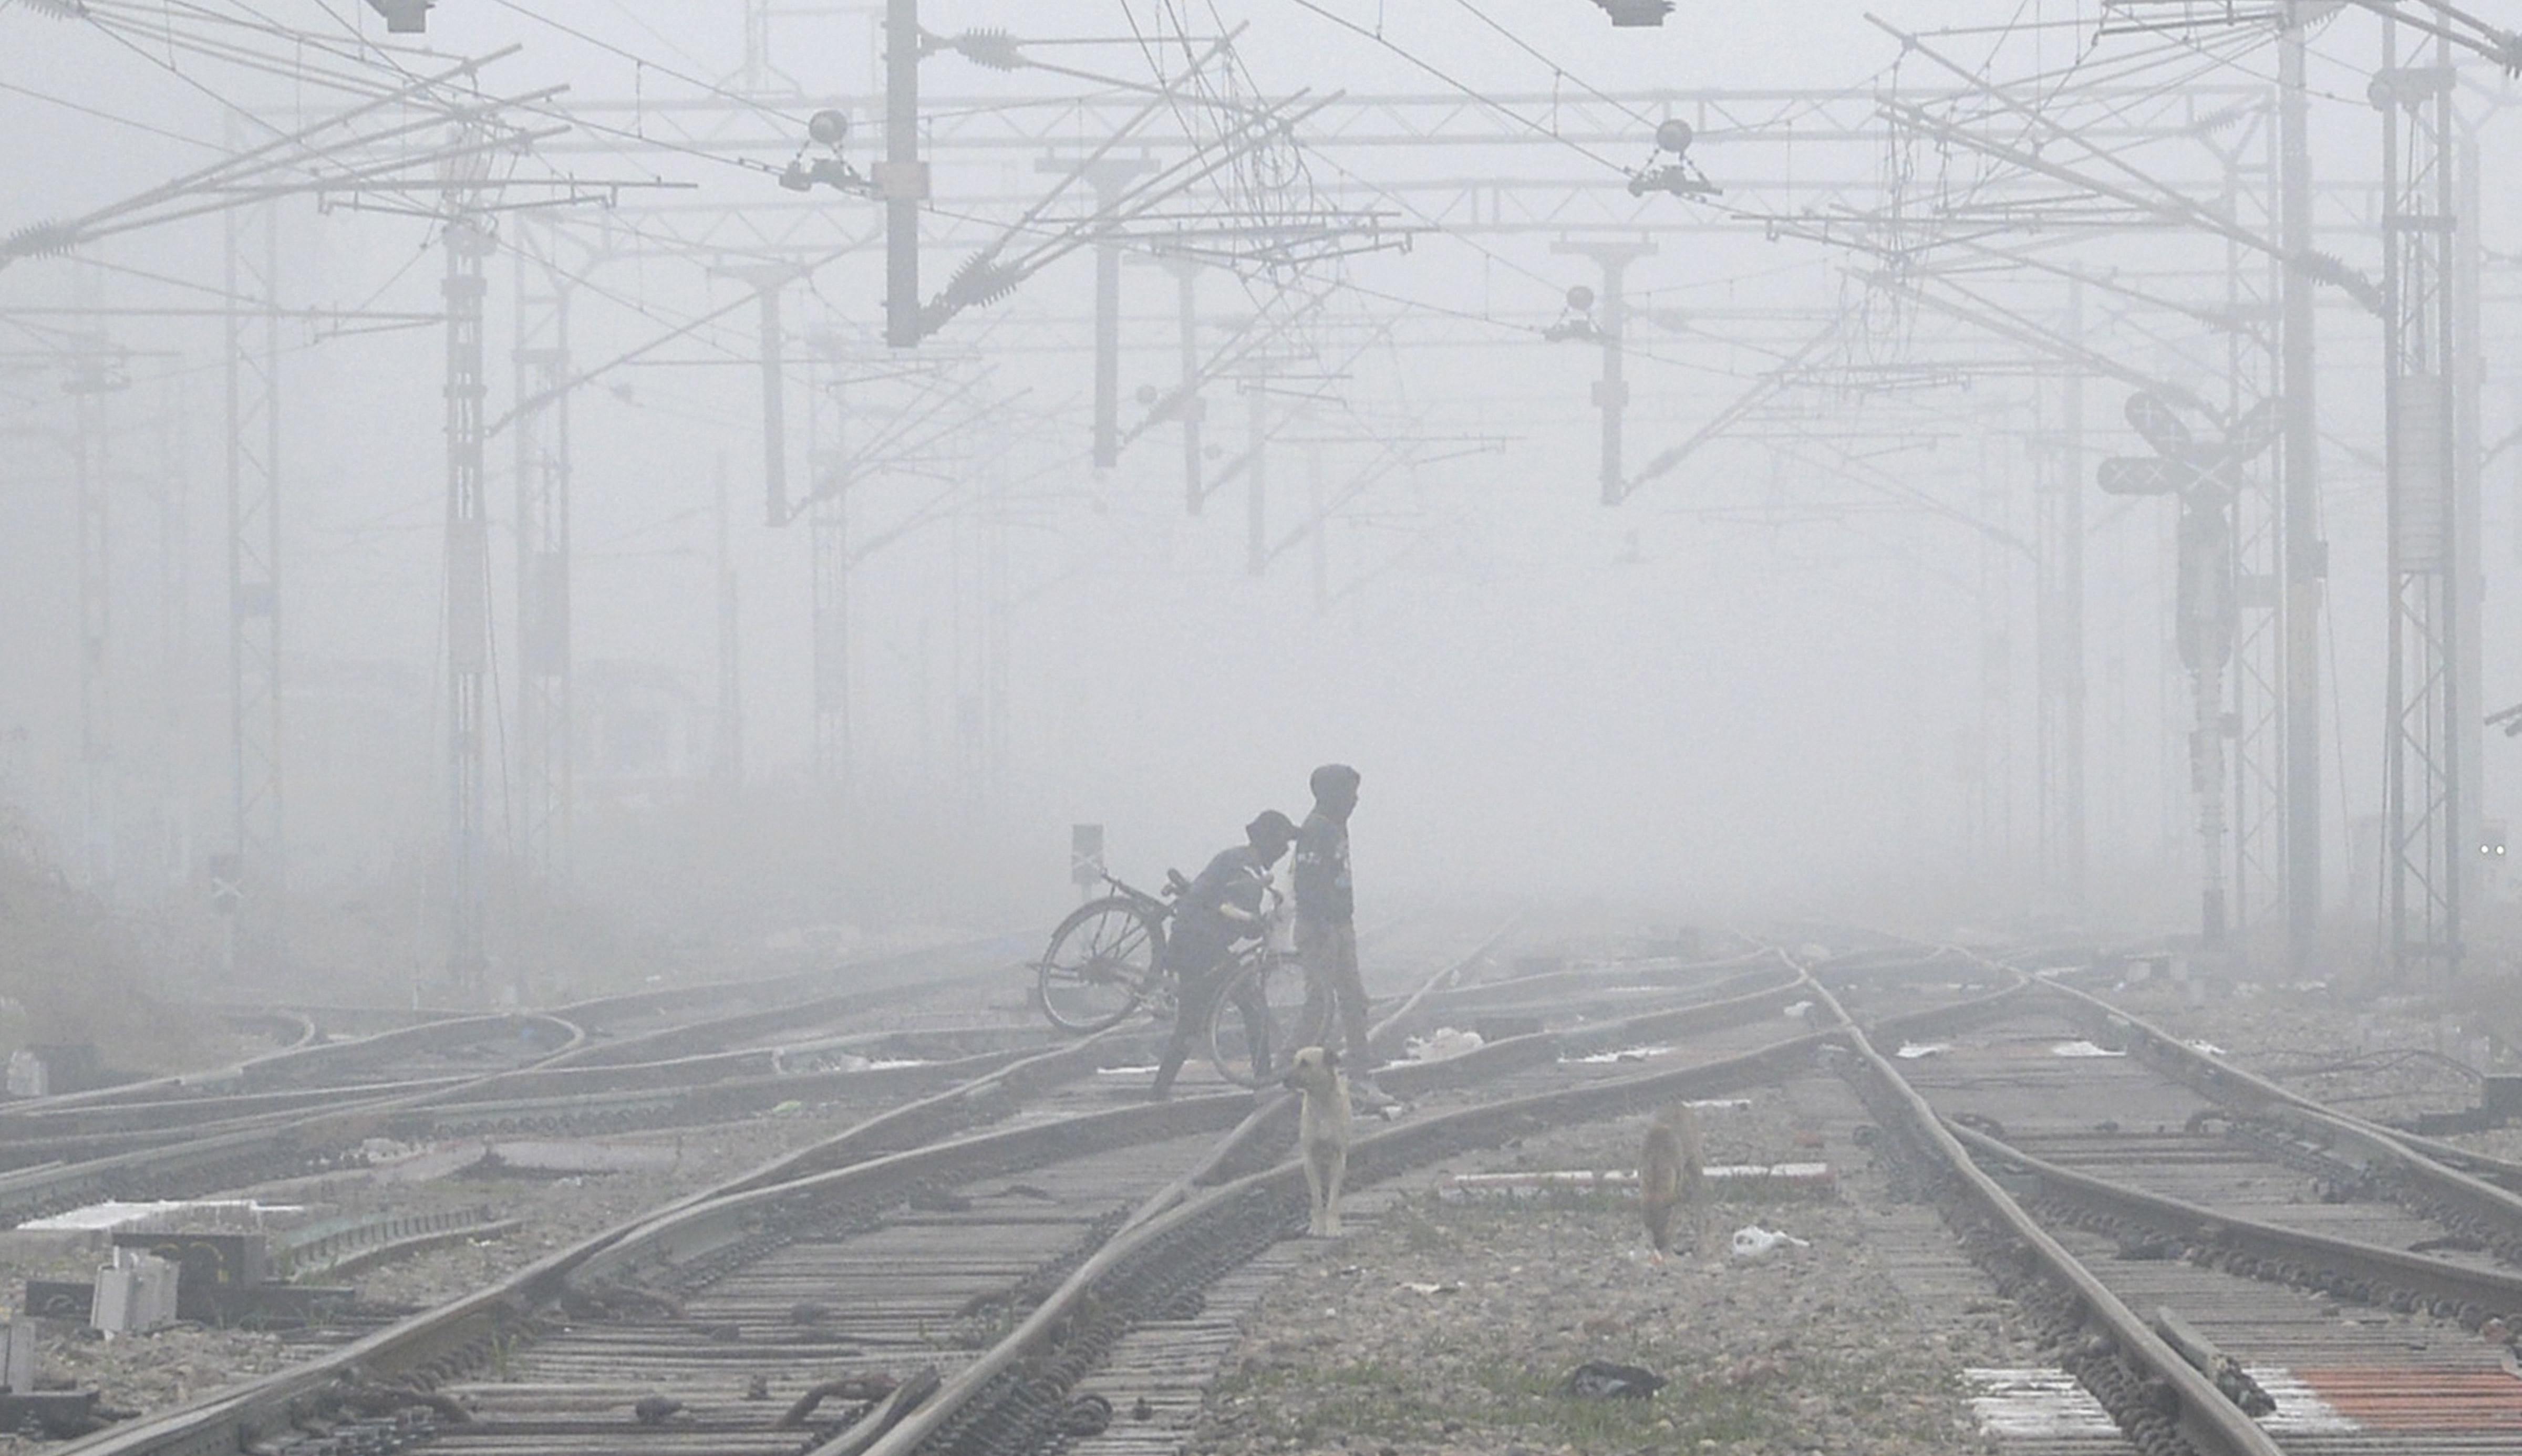 पंजाब में इन दिनों काफी ठंड पड़ रही है। रविवार को जालंधर में कोहरा भी छाया रहा।